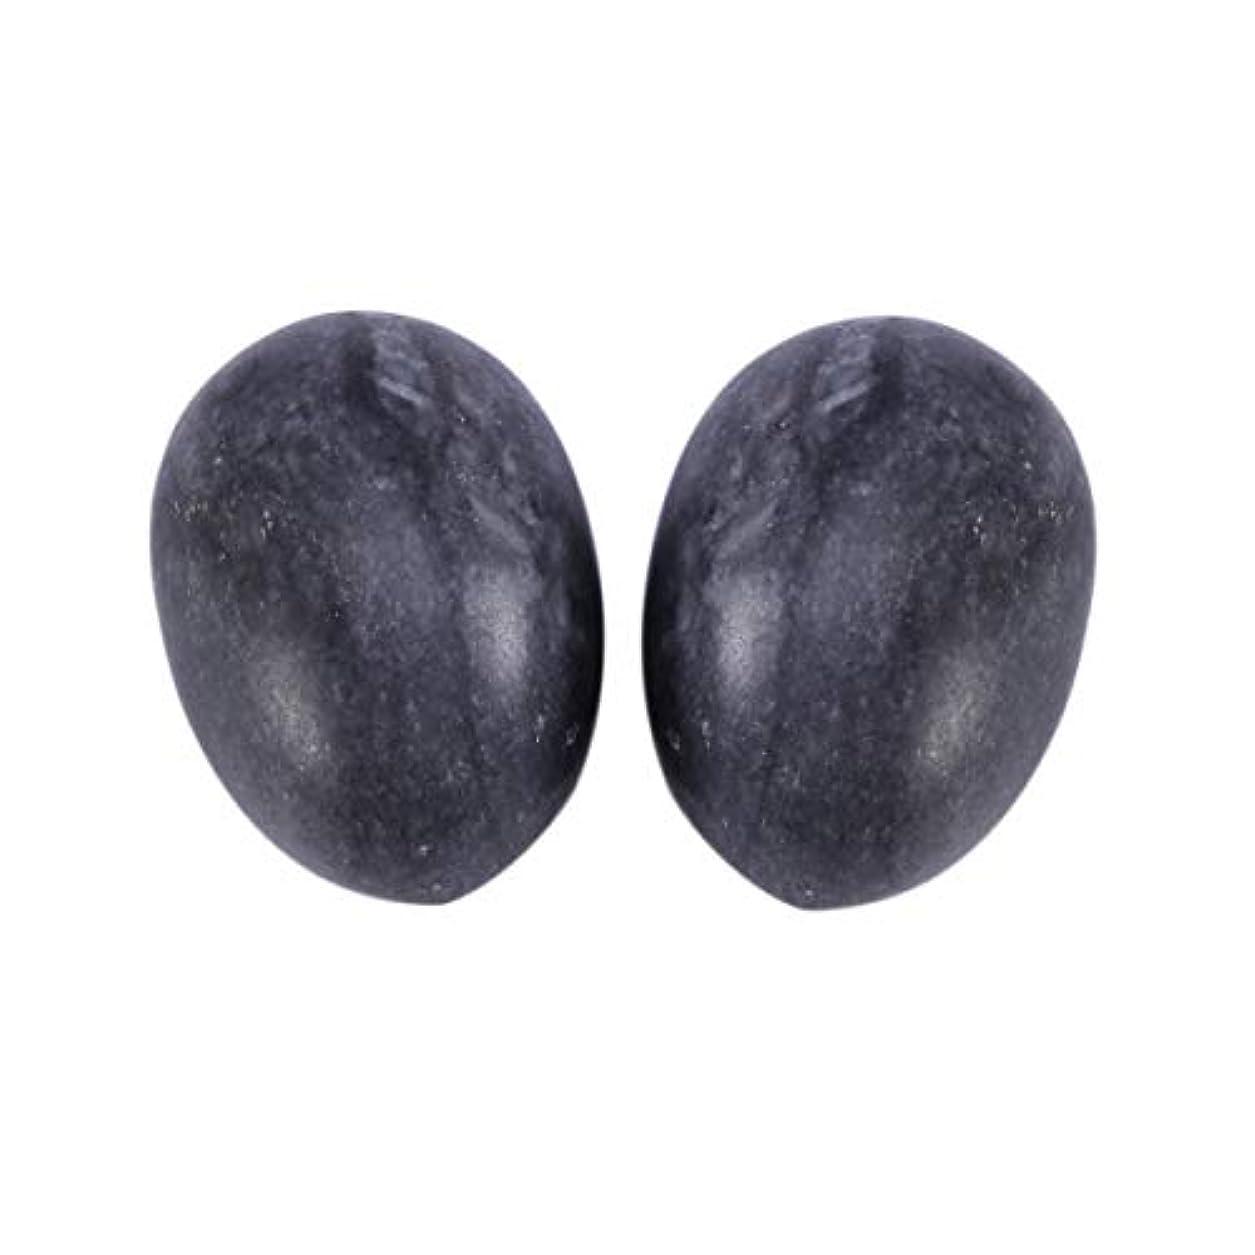 比率ハイライトブリッジHealifty 6PCS翡翠Yoni卵マッサージ癒しの石のケゲル運動骨盤底筋運動(黒)